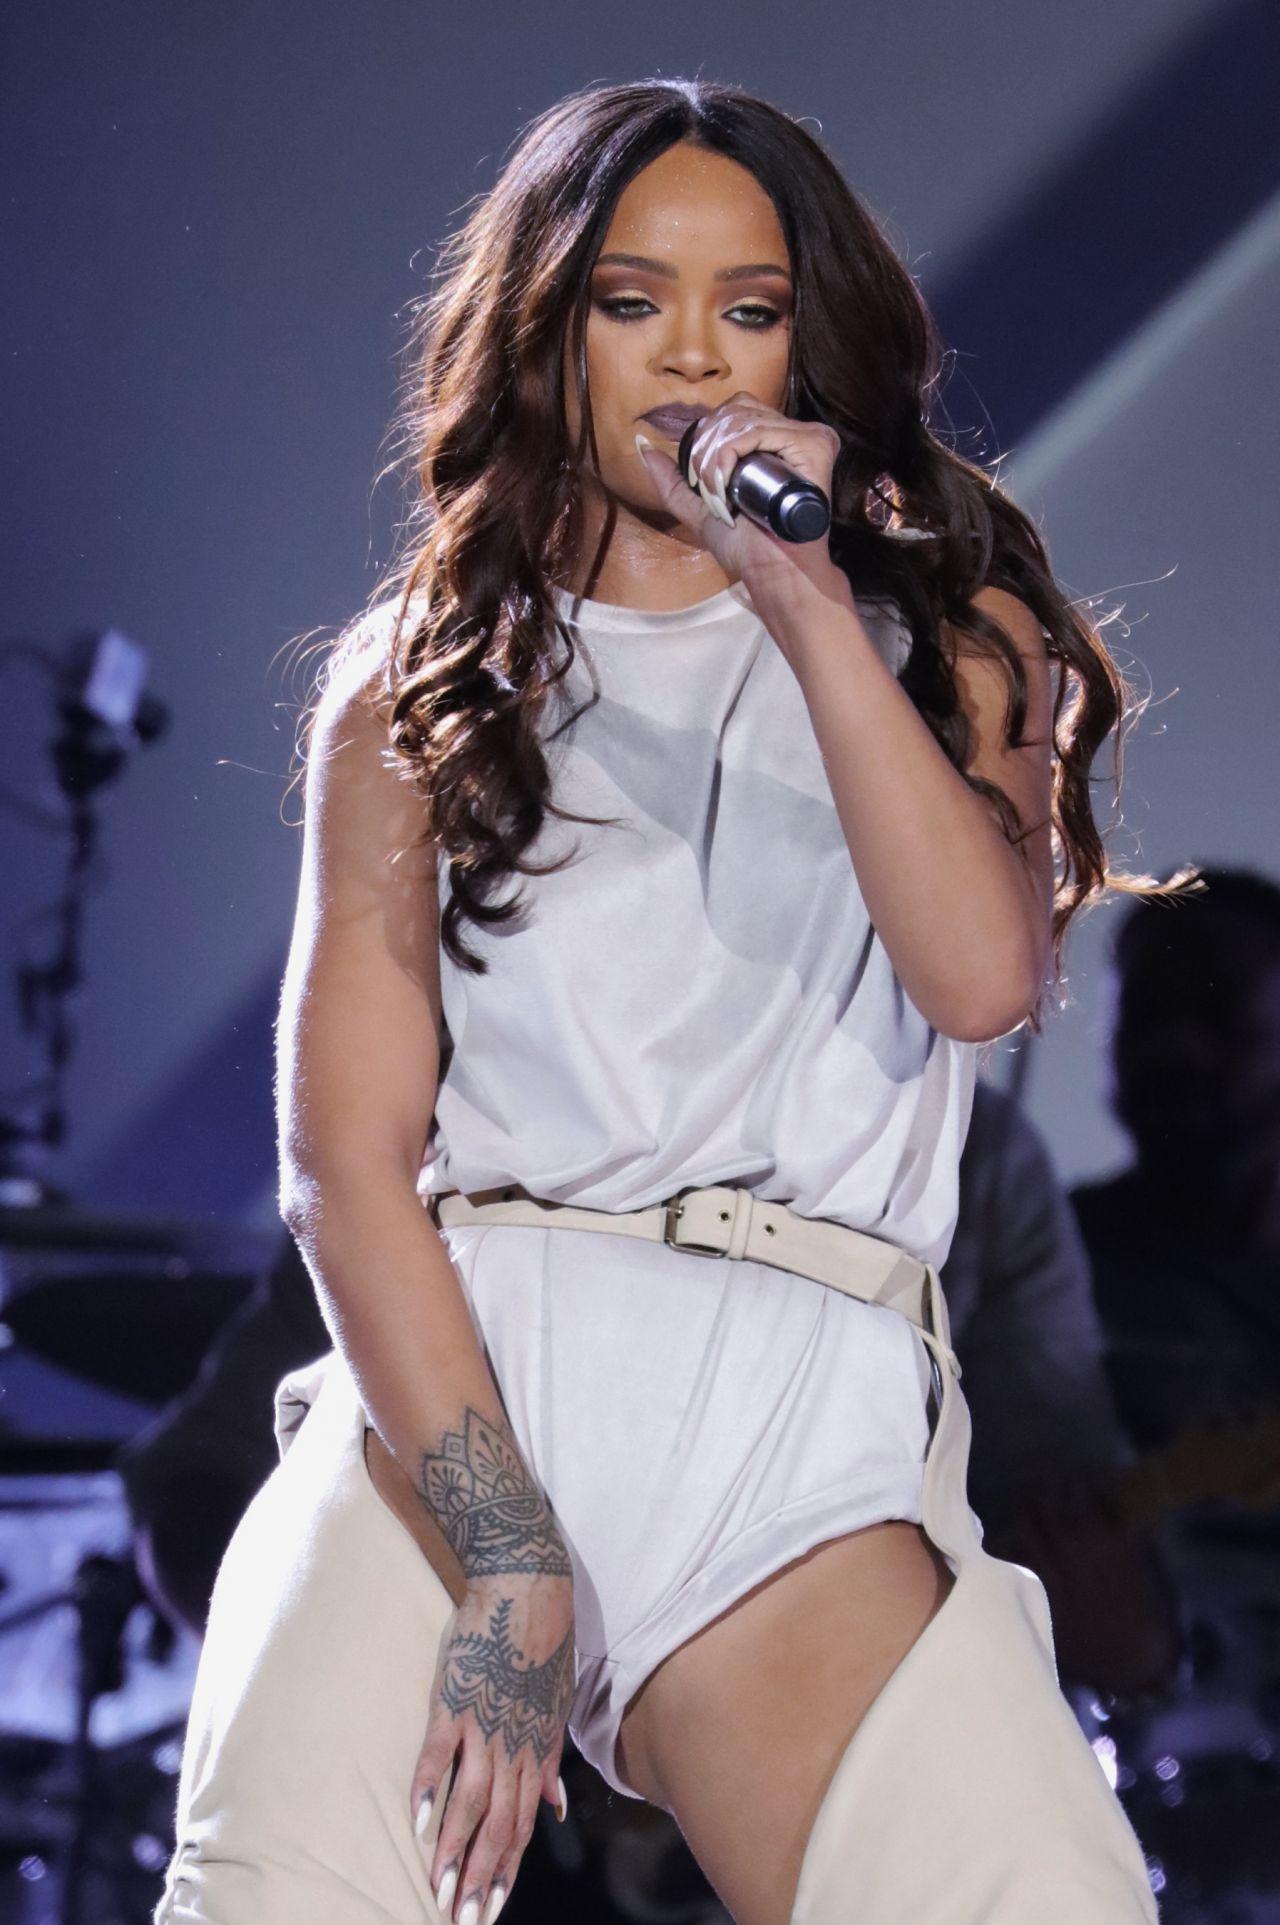 Rihanna - Performs at Meazza Stadium in Milano, Italy 7/13 ... Rihanna 2016